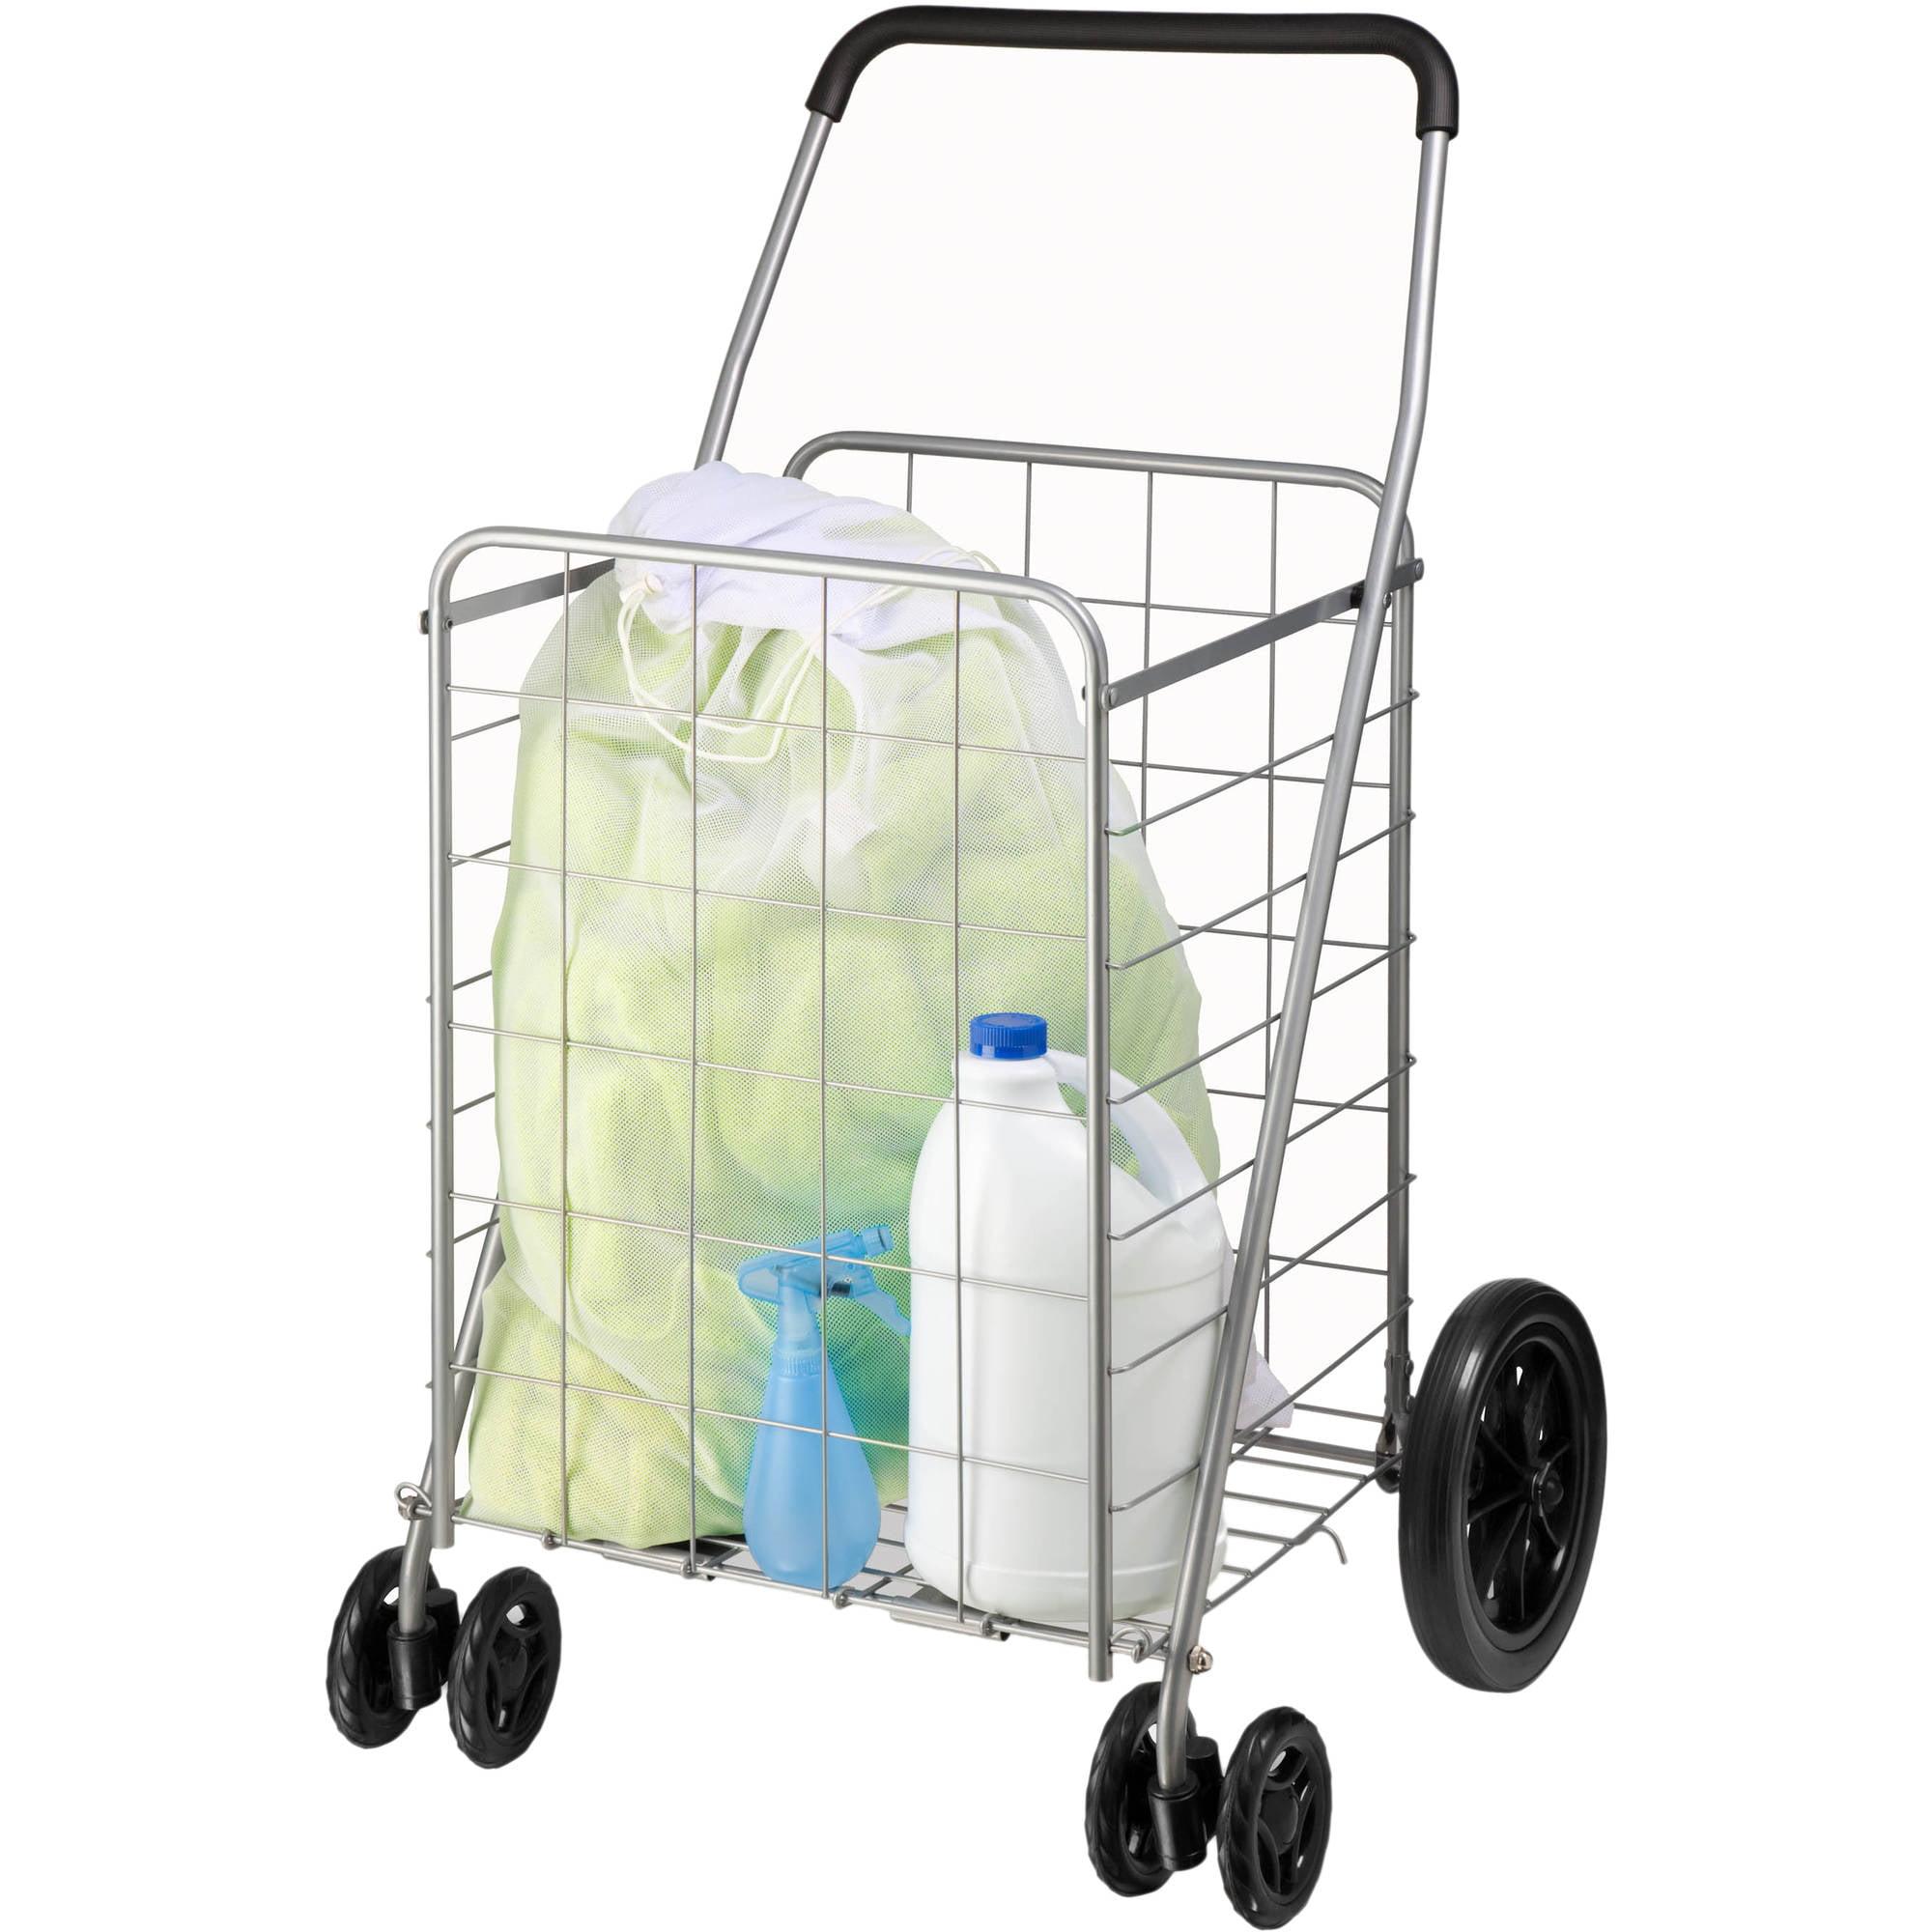 lowes utility cart heavy duty steel honey can do steel folding dualwheel utility rolling cart gray walmartcom